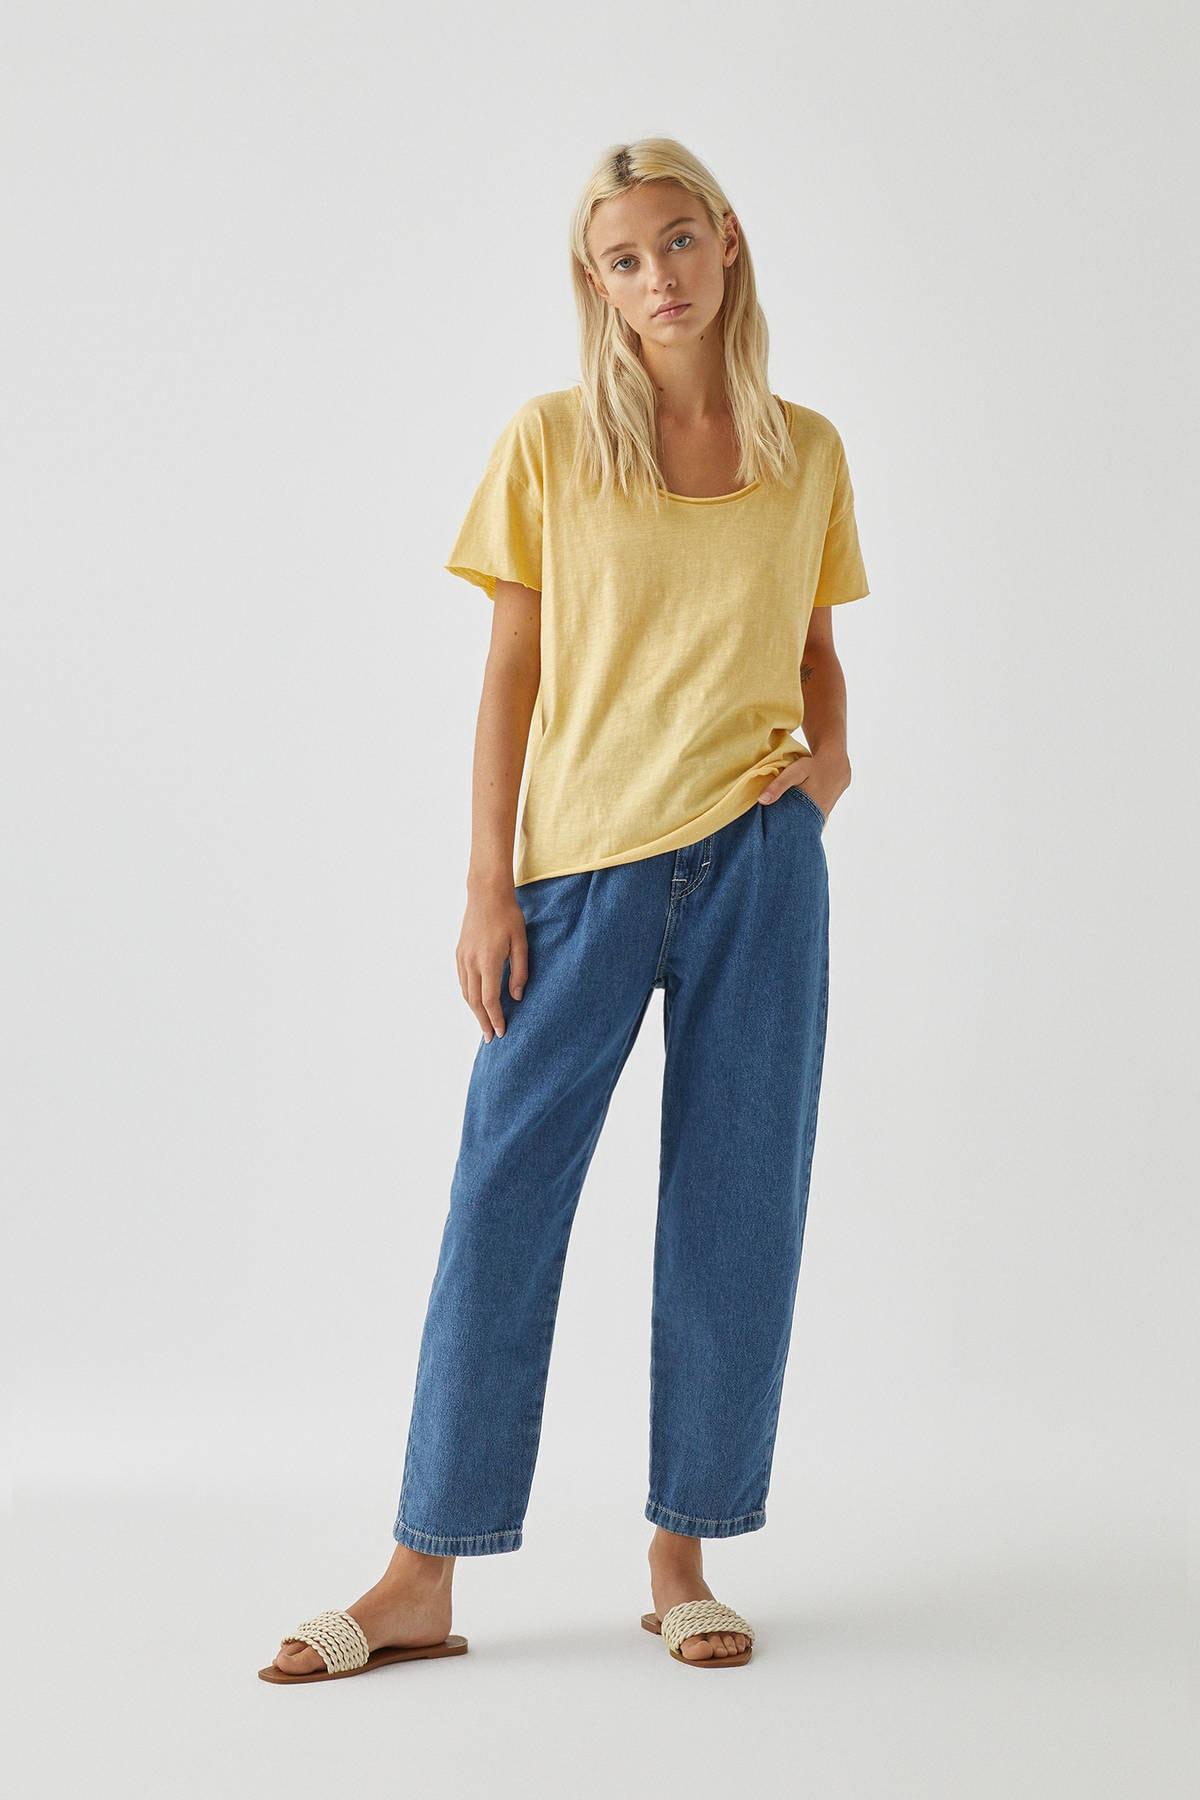 Pull & Bear Kadın Açık Sarı Biyeli Dikişli Basic T-Shirt 05236307 2